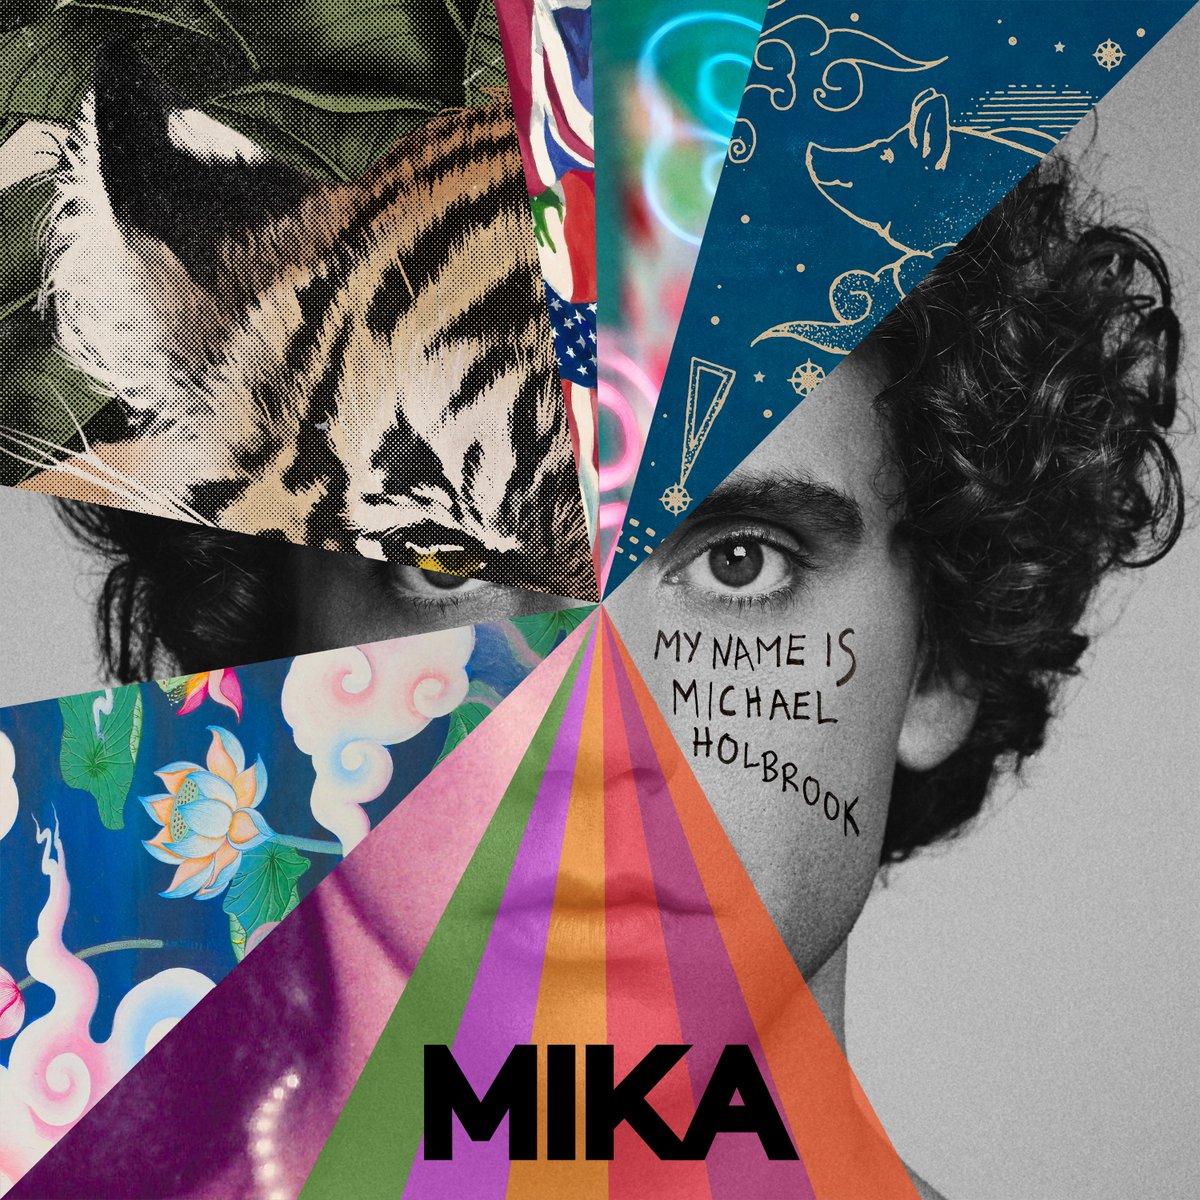 Mika, il nuovo album è il trionfo dell'amore autentico